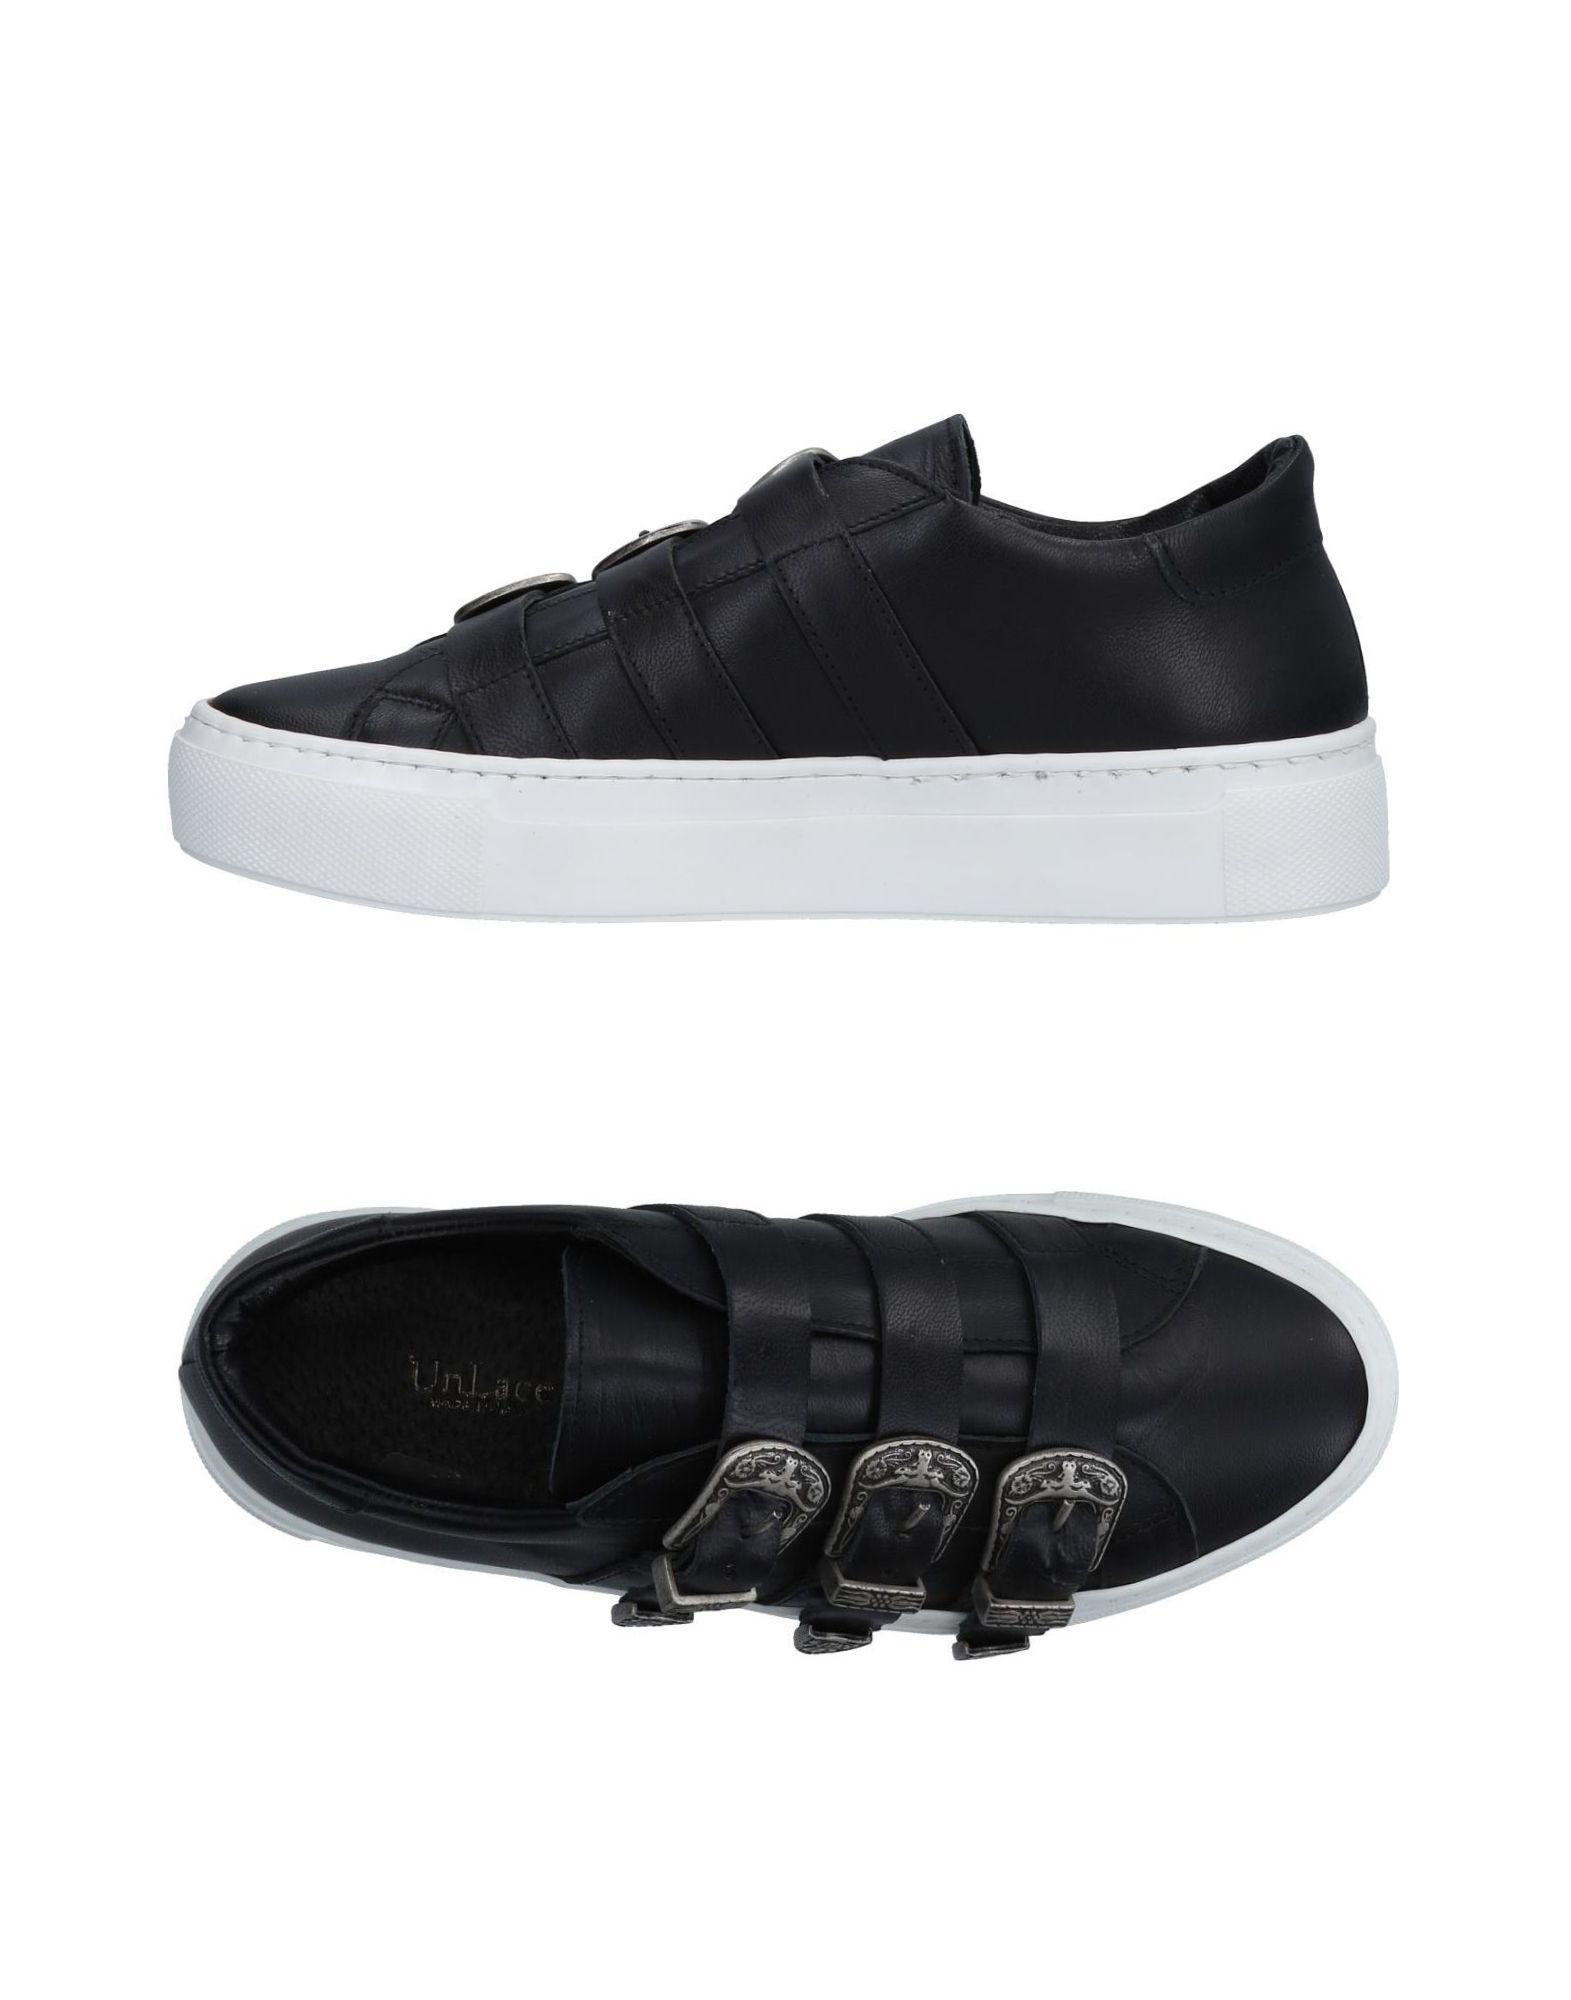 Moda Sneakers Unlace Donna - 11471299HQ